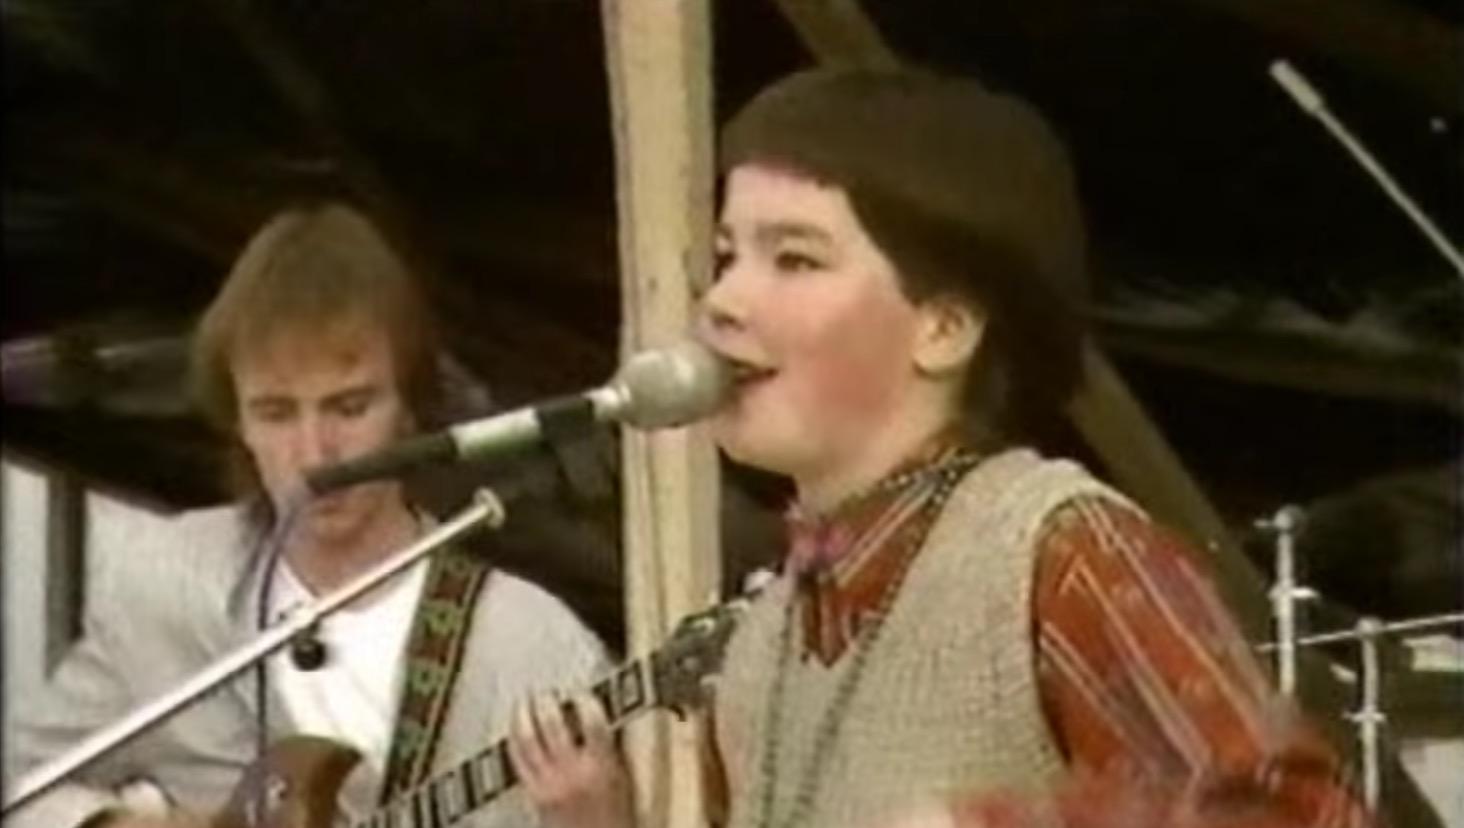 17歳のビョークがパンクバンドで熱唱!当時から良い声している!!